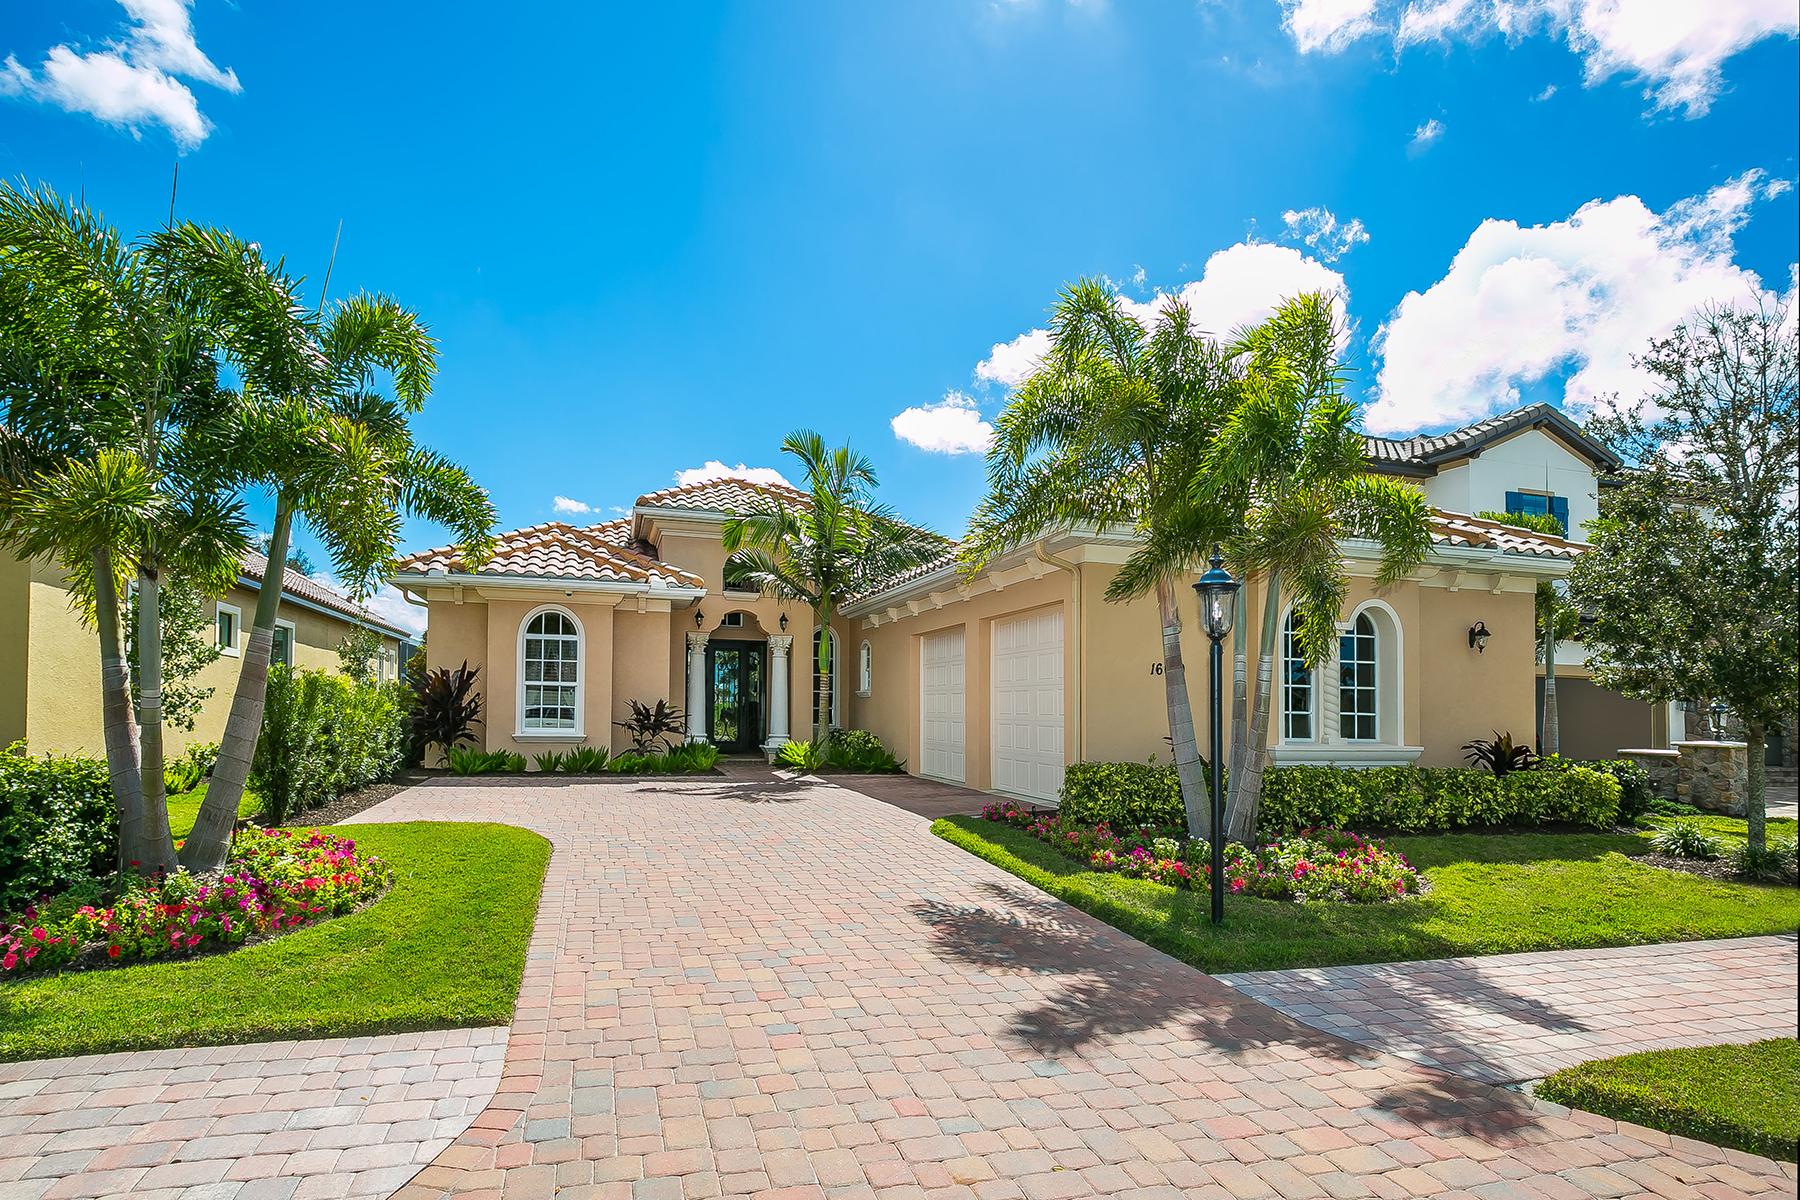 独户住宅 为 销售 在 COUNTRY CLUB EAST 16010 Knightswood Pl 布雷登顿, 佛罗里达州, 34202 美国